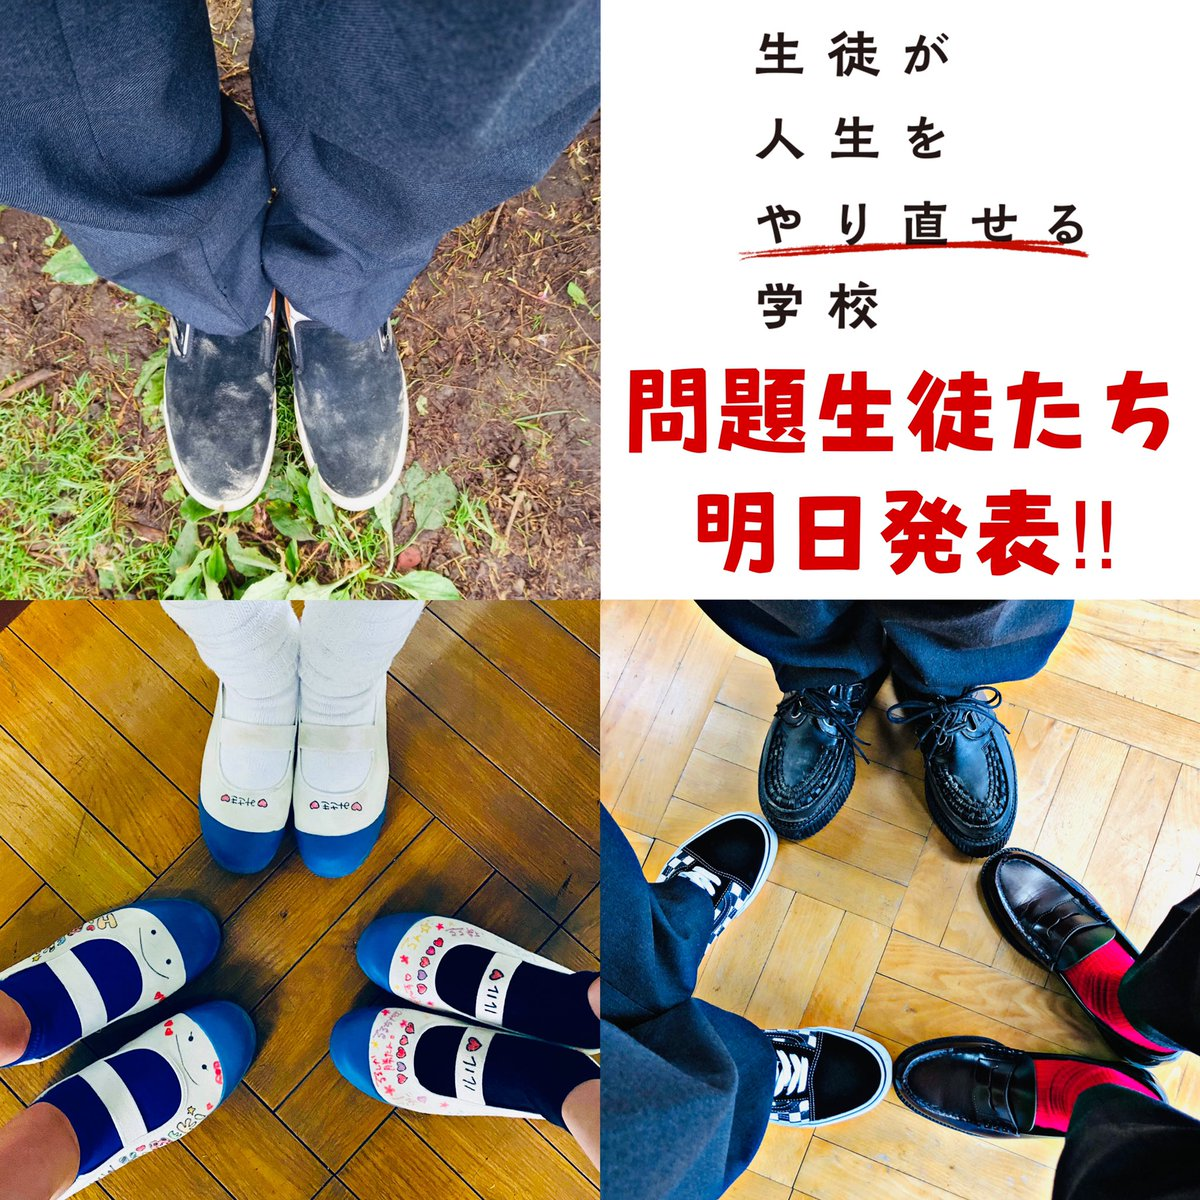 / 24時間テレビドラマスペシャル 『#生徒が人生をやり直せる学校』  \  樹山先生(#平野紫耀)達が向き合う、槙尾高校の生徒たち   スニーカー、革靴、上履きと個性豊かな靴でちょっとだけご紹介   明日のお知らせをお楽しみに❗️  #想い24時間テレビ @24hourTV